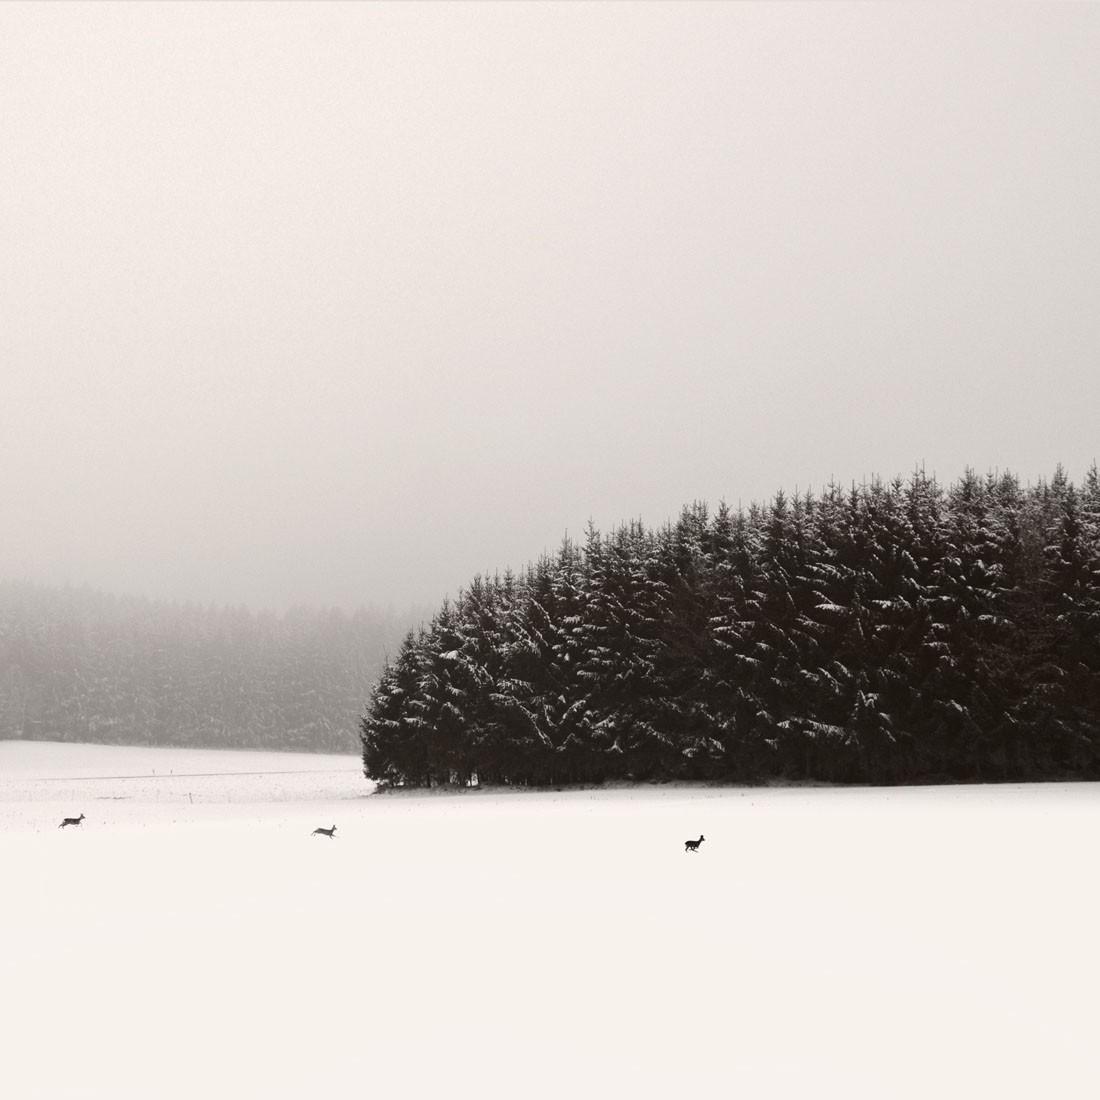 2 место в категории «Файн-арт», 2019. Зимний пейзаж в Баварии из серии «Молчание». Автор Лена Вайсбек